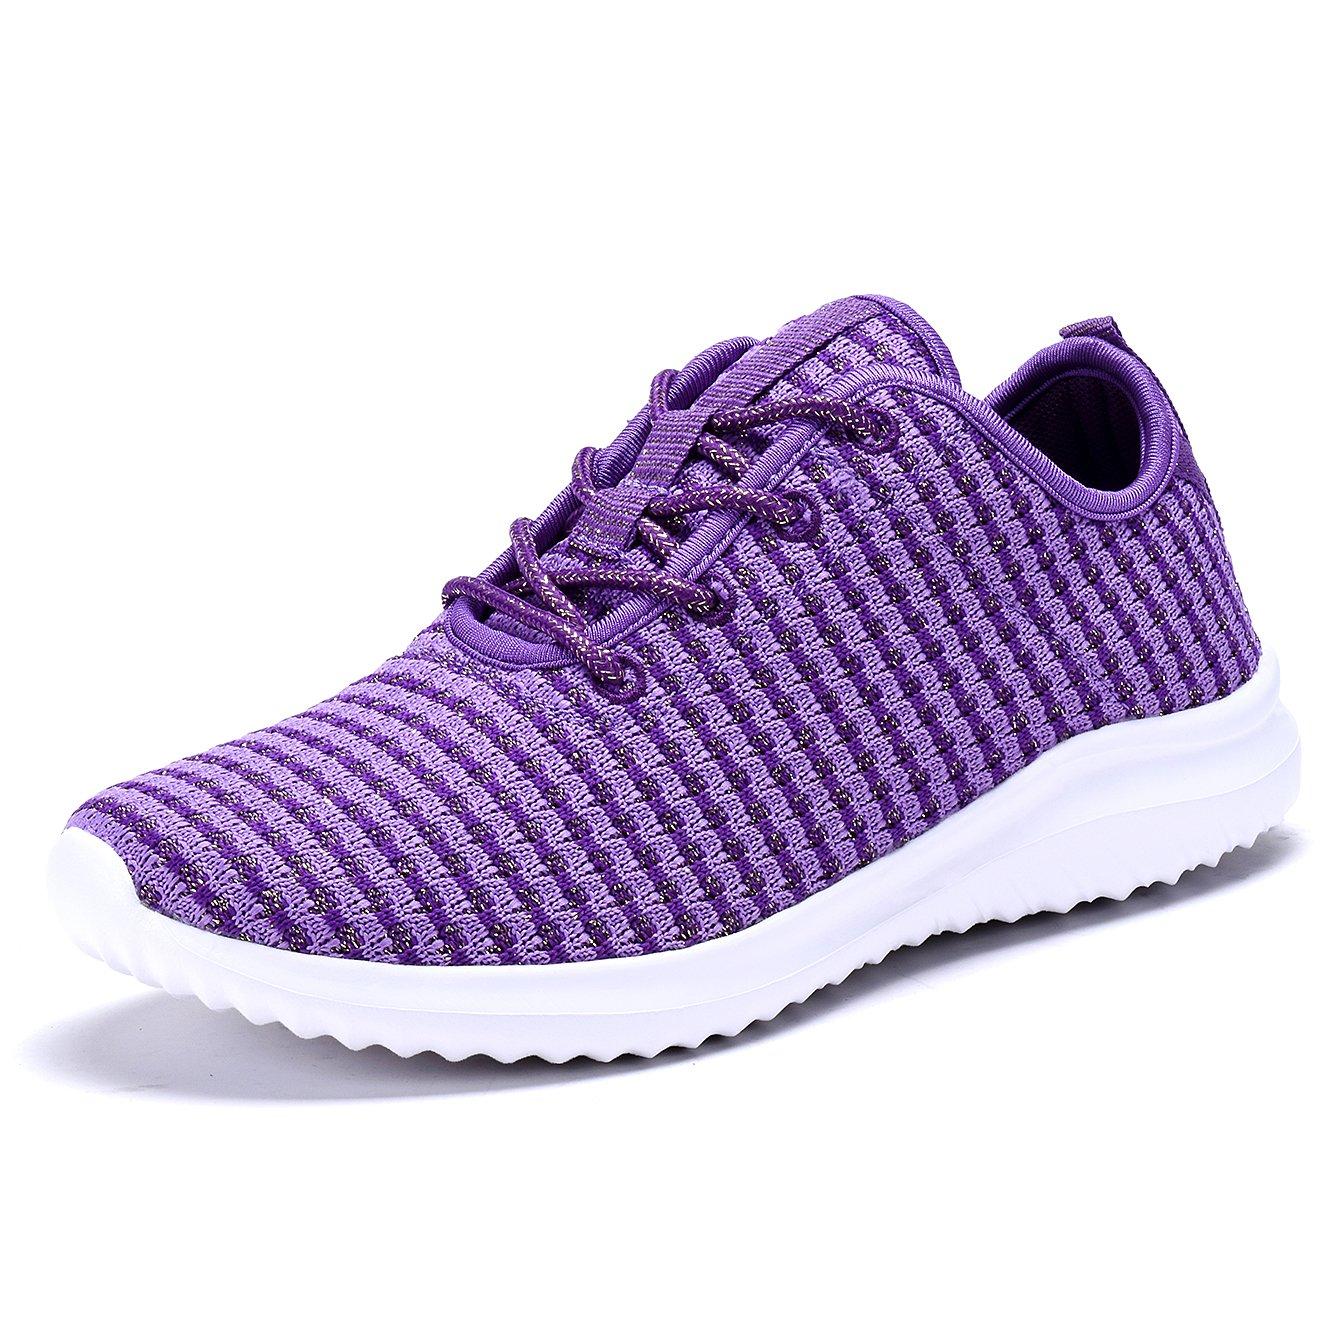 YILAN Women's Fashion Sneakers Casual Sport Shoes B074FMN6PH 7 M US|Purple